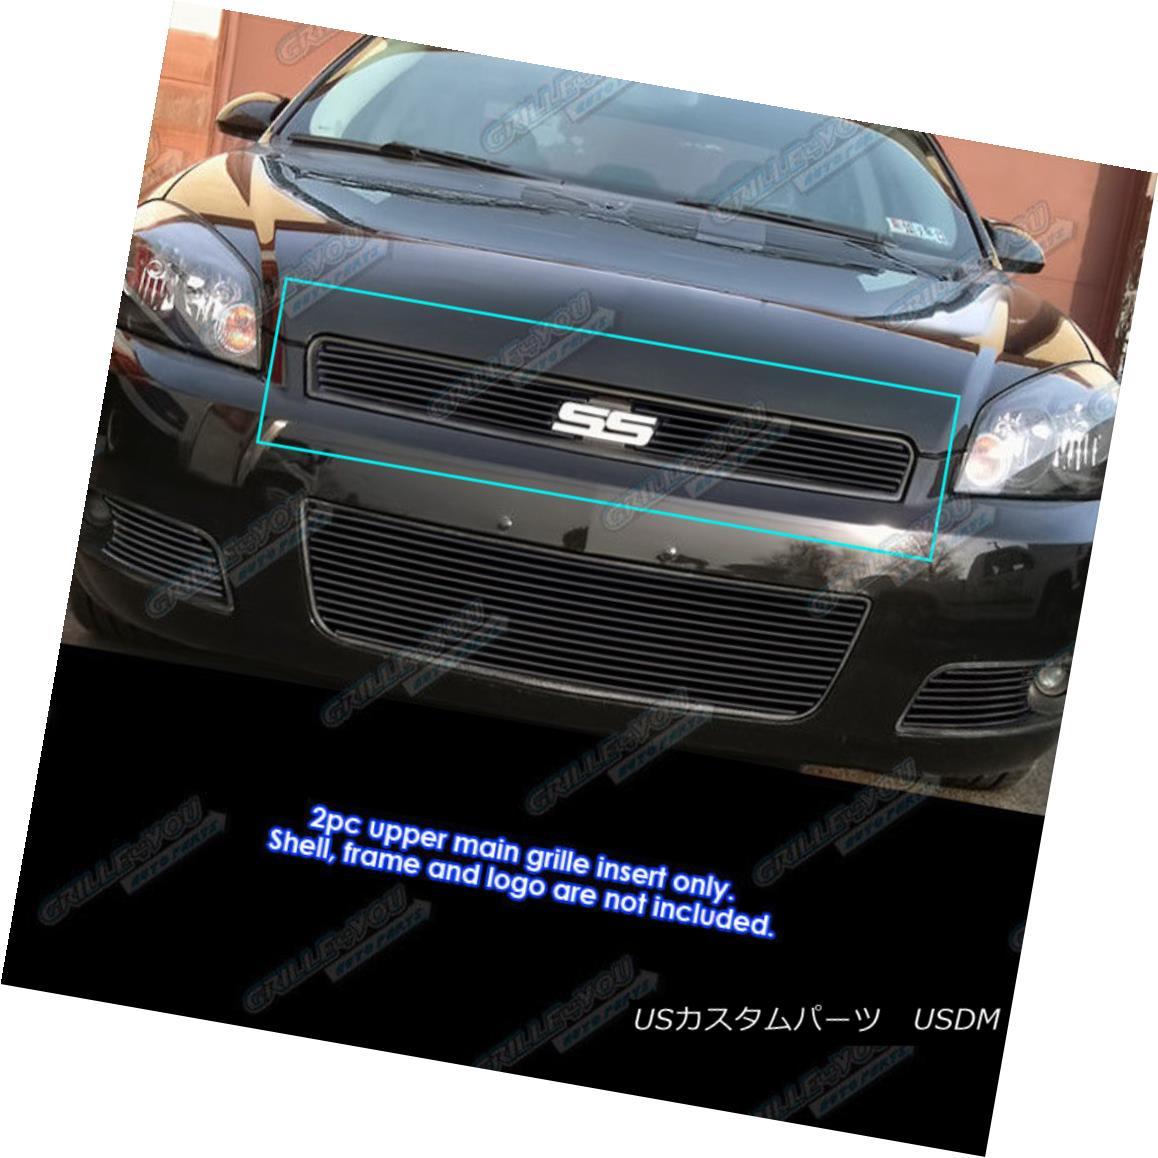 グリル For 2006-2013 Chevy Impala/06-07 Monte Carlo Black Billet Grille Grill Insert 2006-2013シボレーインパラ/ 06-07モンテカルロブラックビレットグリルグリルインサート